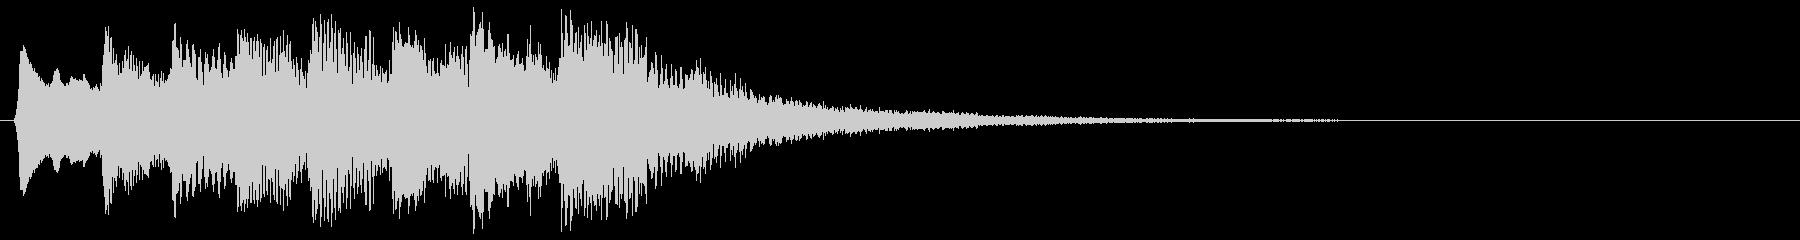 タラララ レトロな下降音 下降する音階↓の未再生の波形